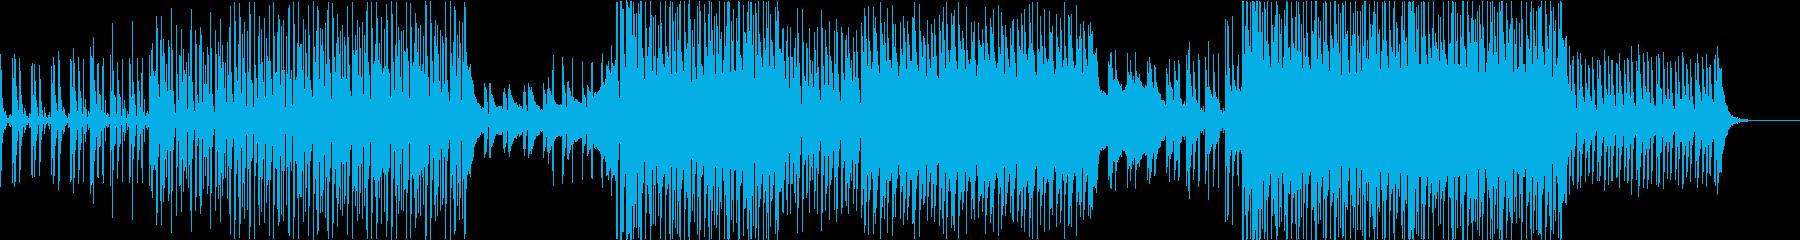 夕暮れ時に合うトロピカルハウスの再生済みの波形